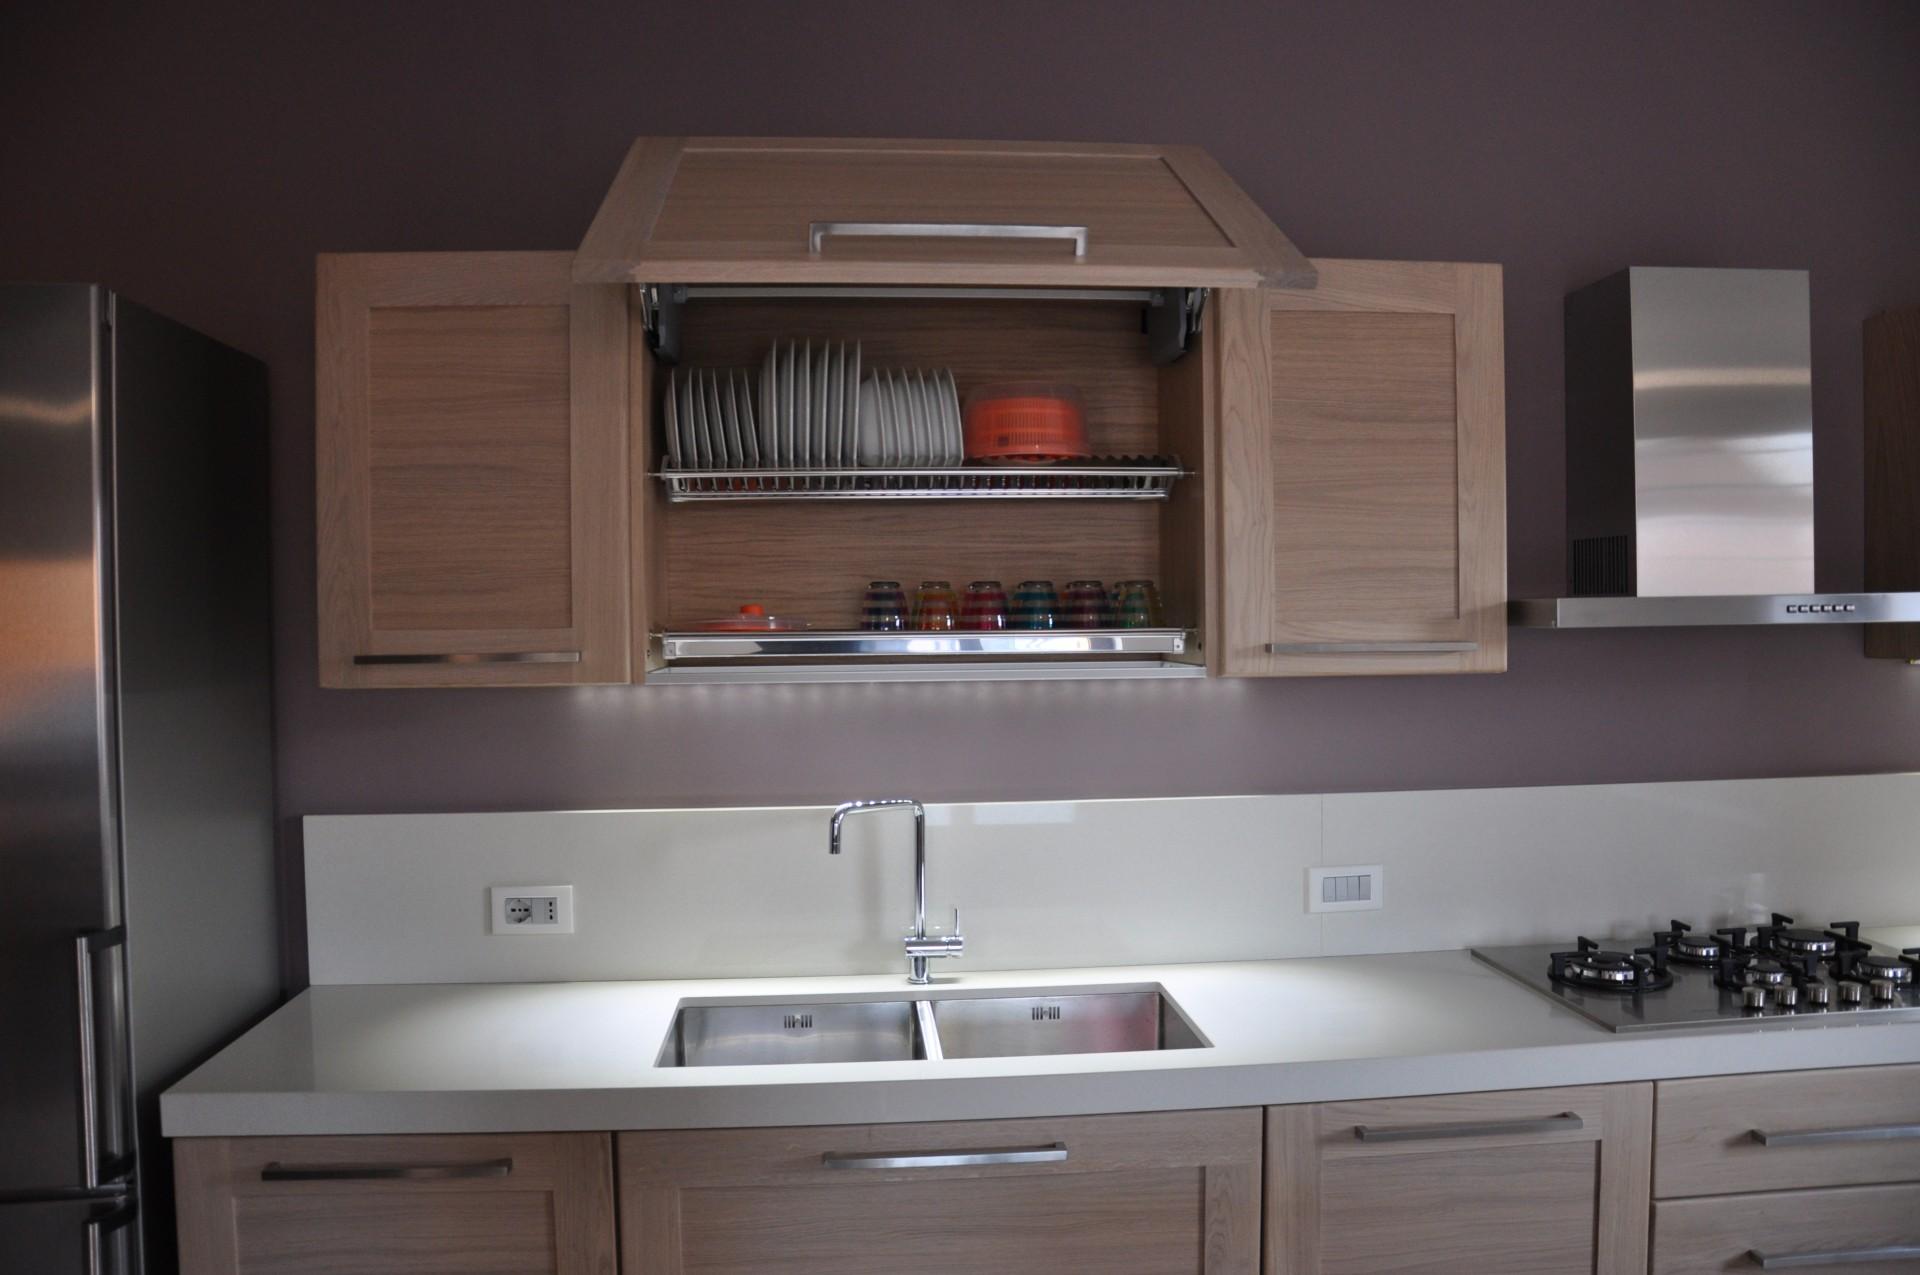 cucine moderne | fadini mobili cerea verona - Cucine In Legno Massello Moderne